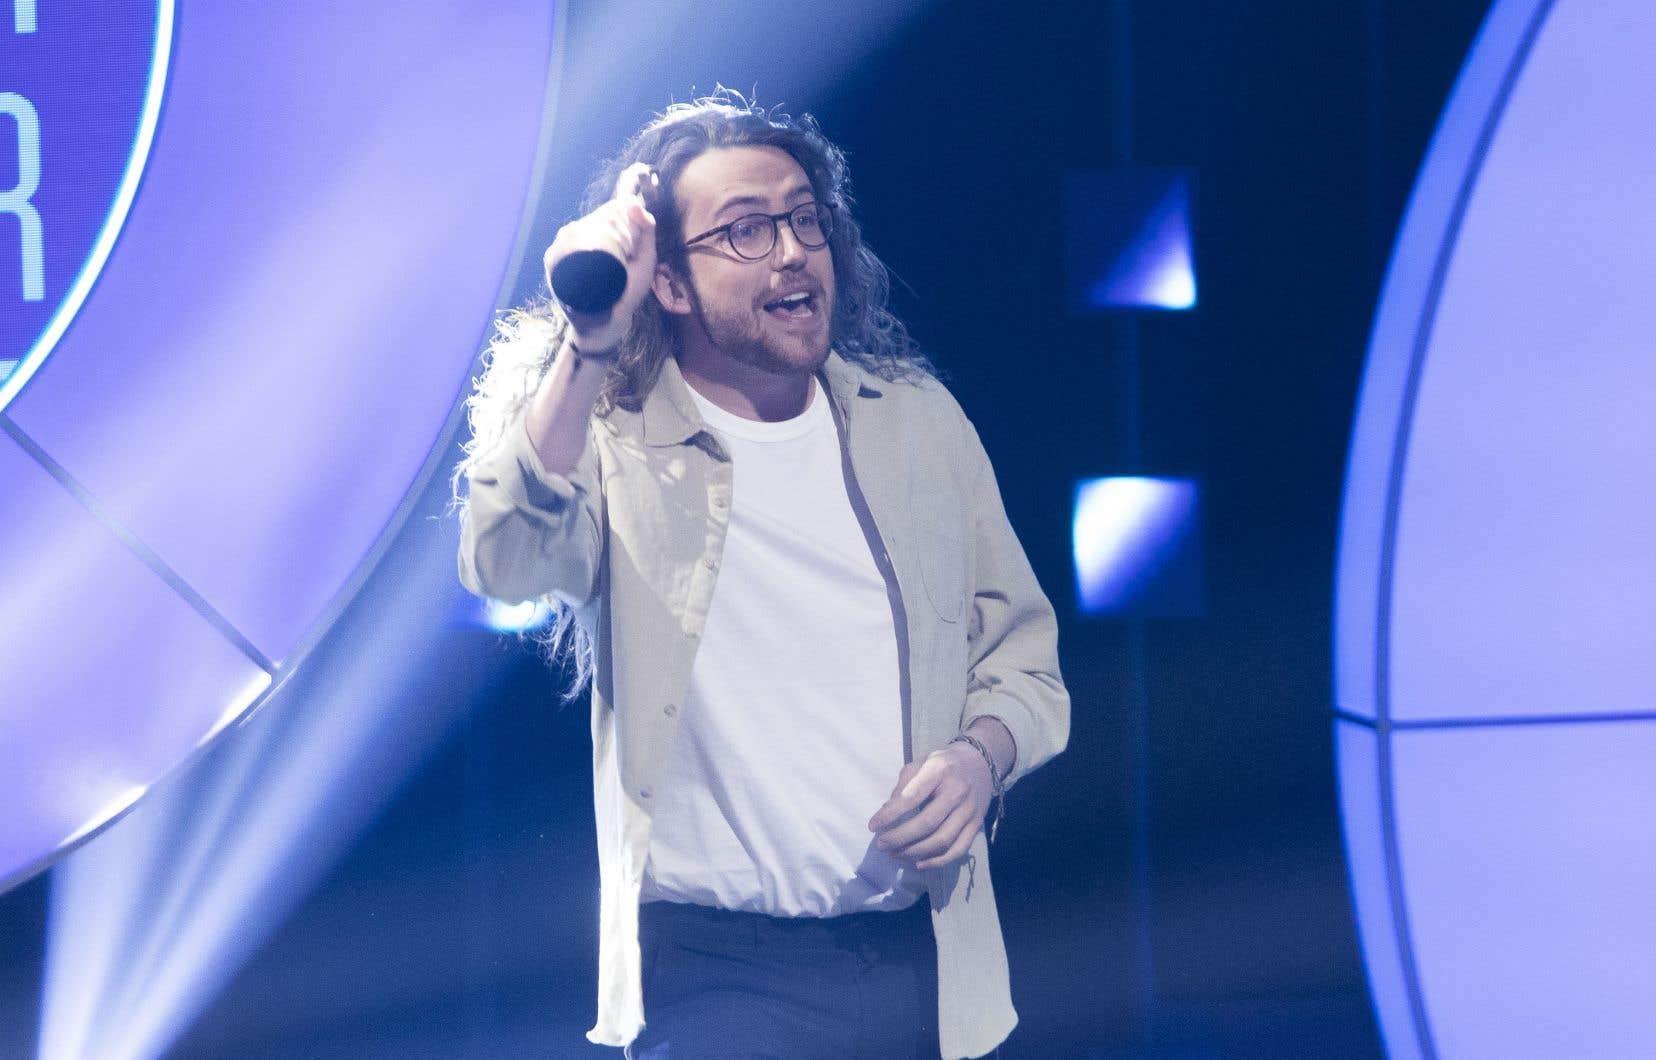 L'humoriste Mathieu Dufour a remporté, dimanche, aux gala Les Oliviers, le prix de l'Artiste COVID de l'année, remis à la suite d'un vote populaire. Présenté une cinquantaine de fois de mars à mai 2020, son Show-rona Virusest devenu, lors du premier confinement, un authentique phénomène culturel.